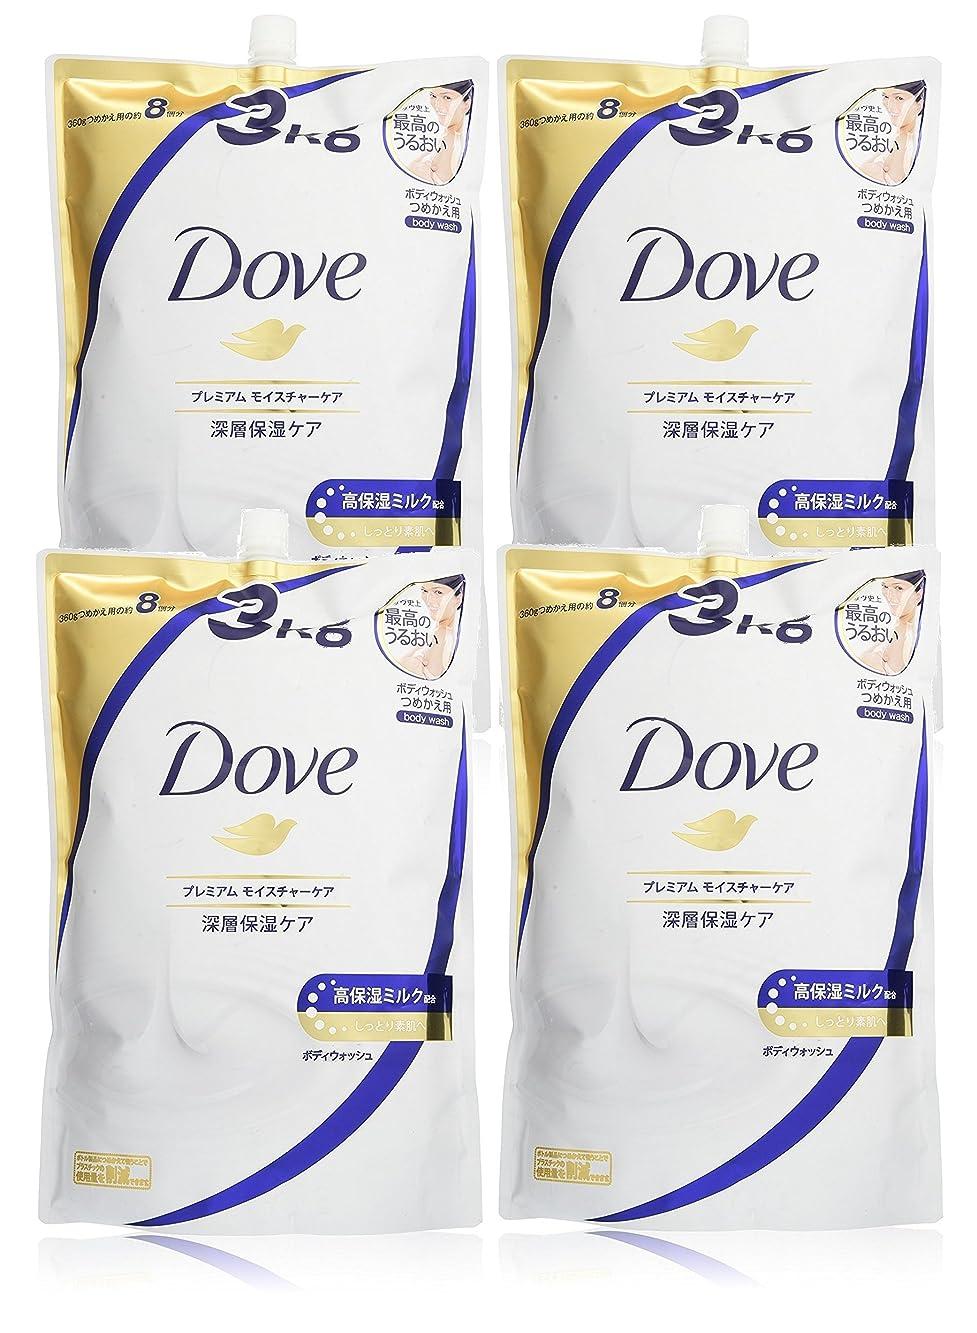 詐欺師ニックネーム争う【ケース販売】 Dove(ダヴ) ボディウォッシュ プレミアム モイスチャーケア つめかえ用 3kg×4個